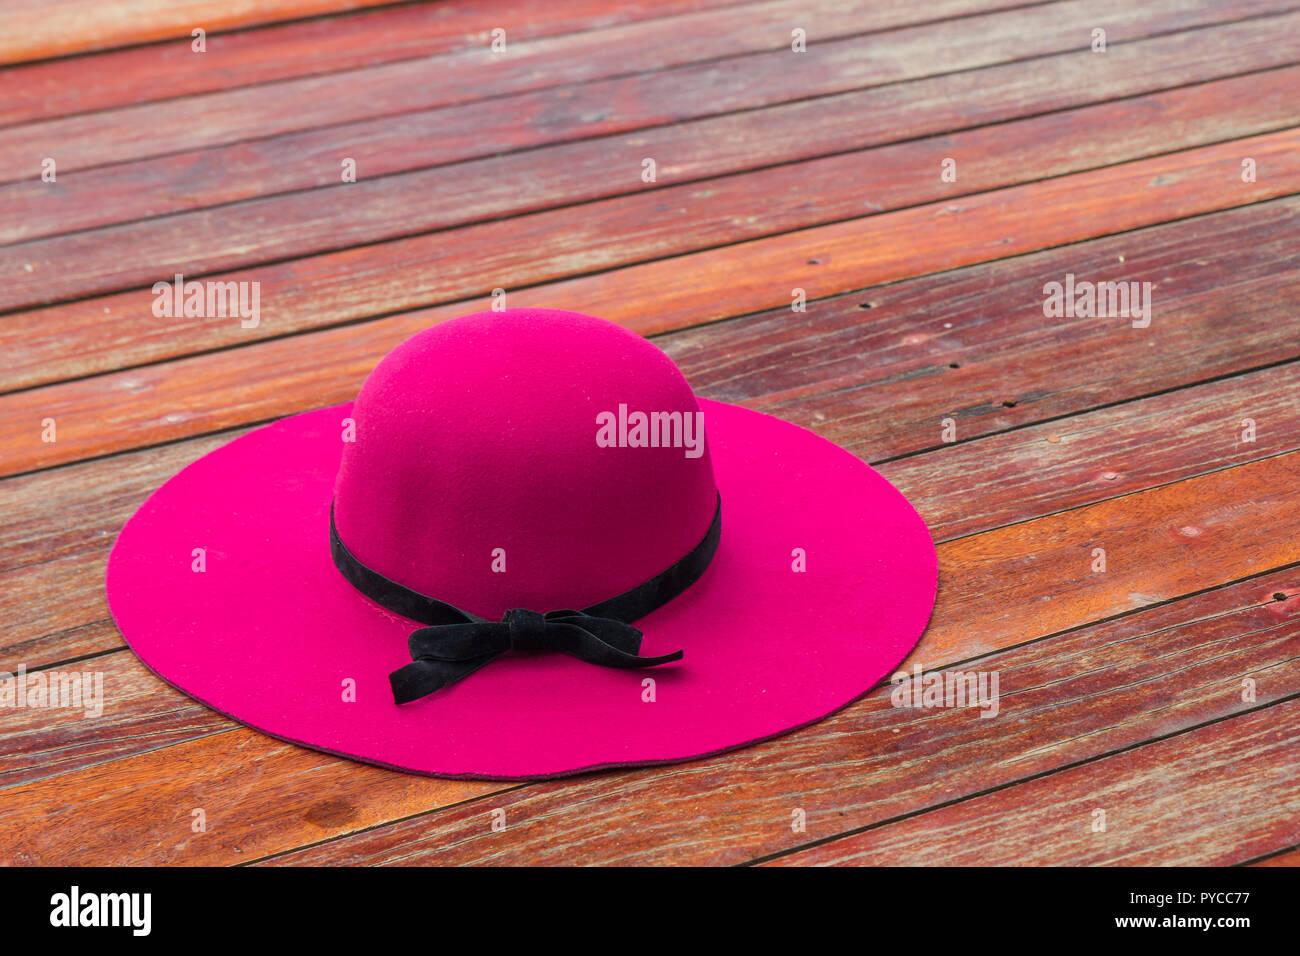 Schöne Rosa Hut Mit Schwarzen Schleife Auf Einem Holzboden